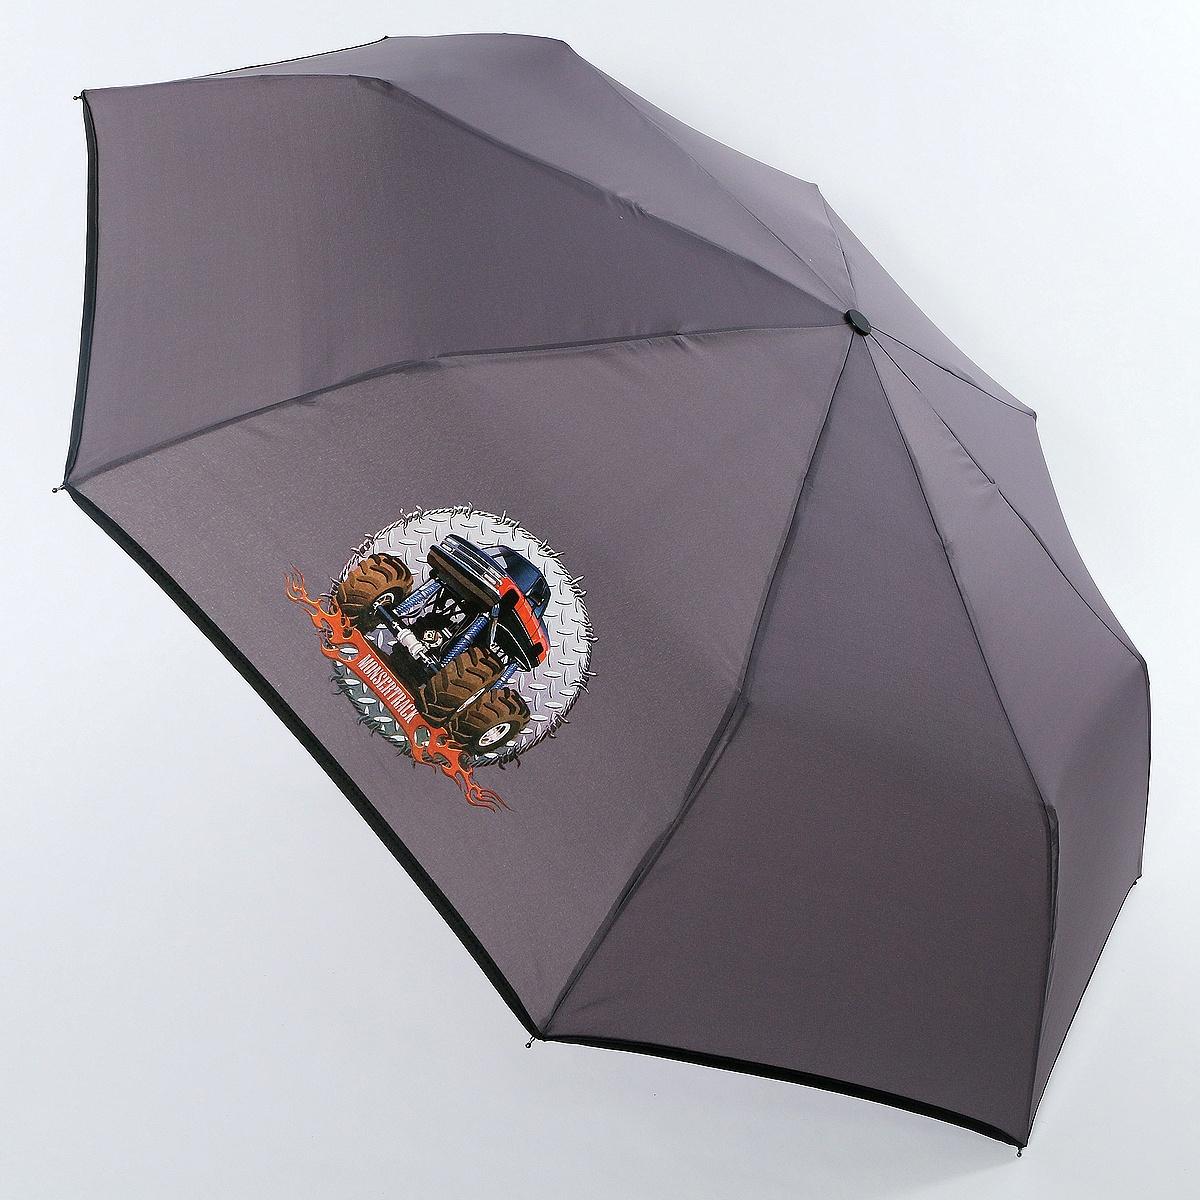 Зонт ArtRain арт.3517-1730, серый зонт artrain механический 3 сложения цвет синий 3517 1732